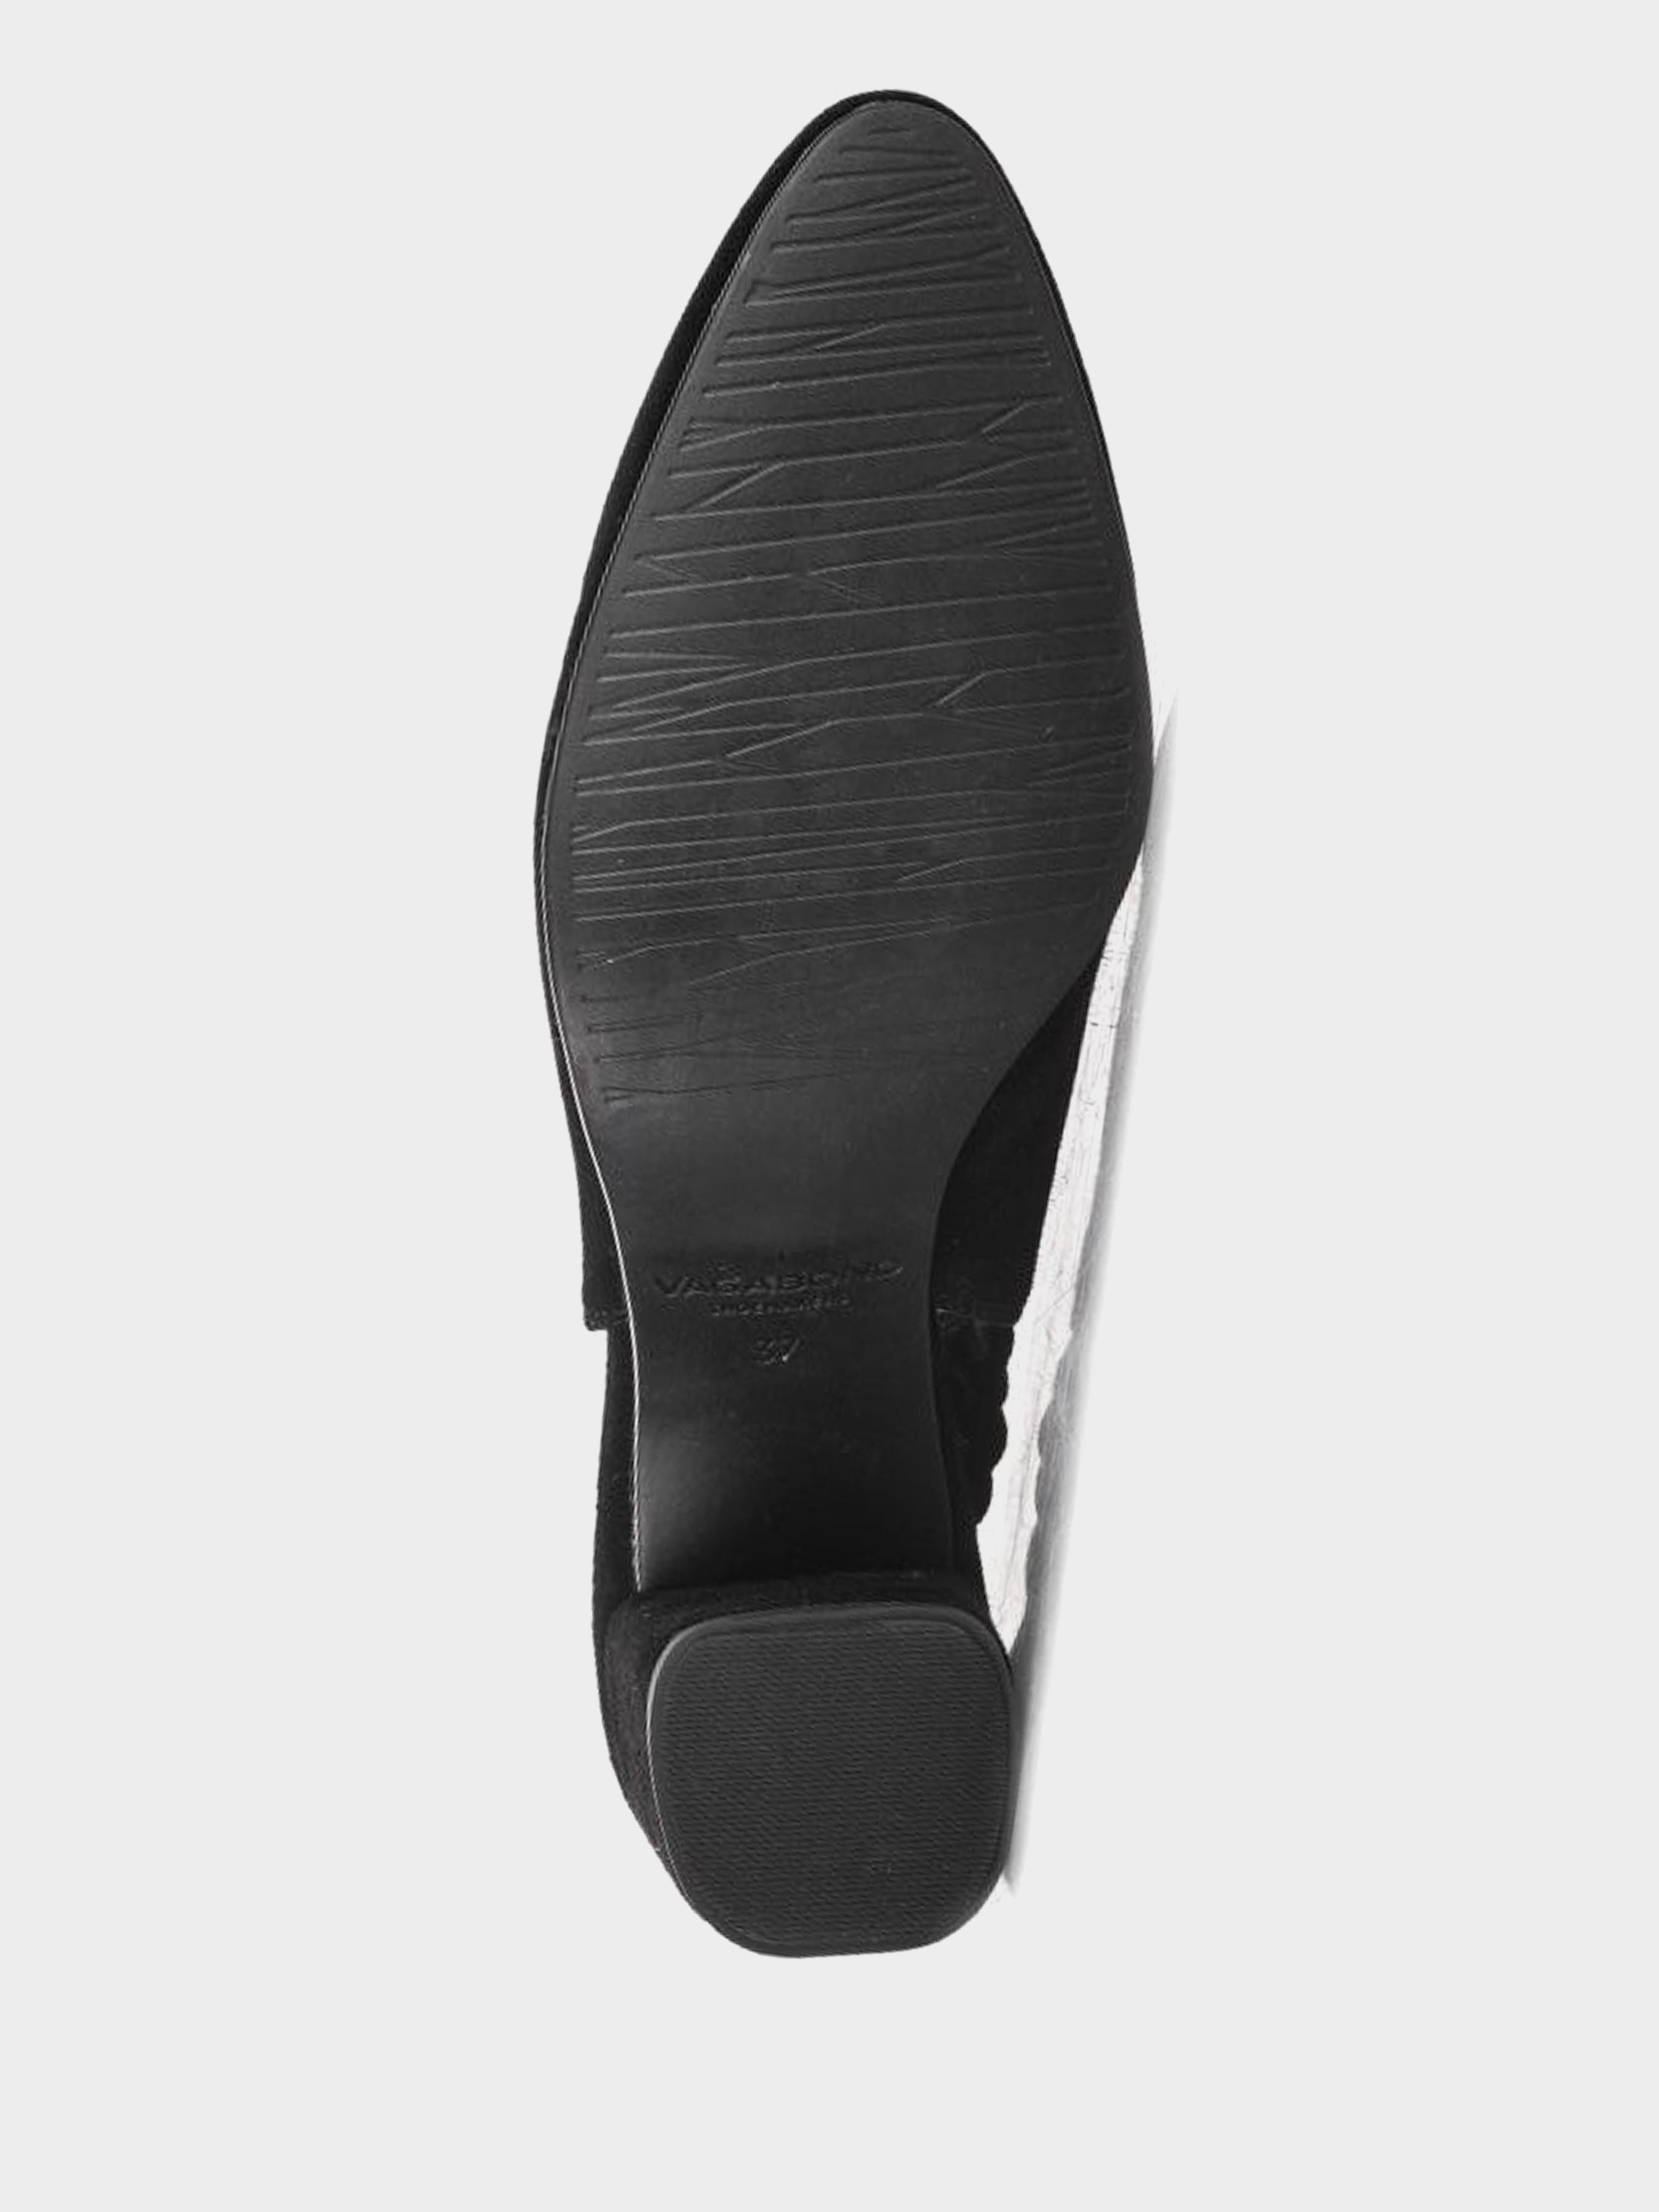 Босоножки женские VAGABOND TRACY VW5499 брендовая обувь, 2017